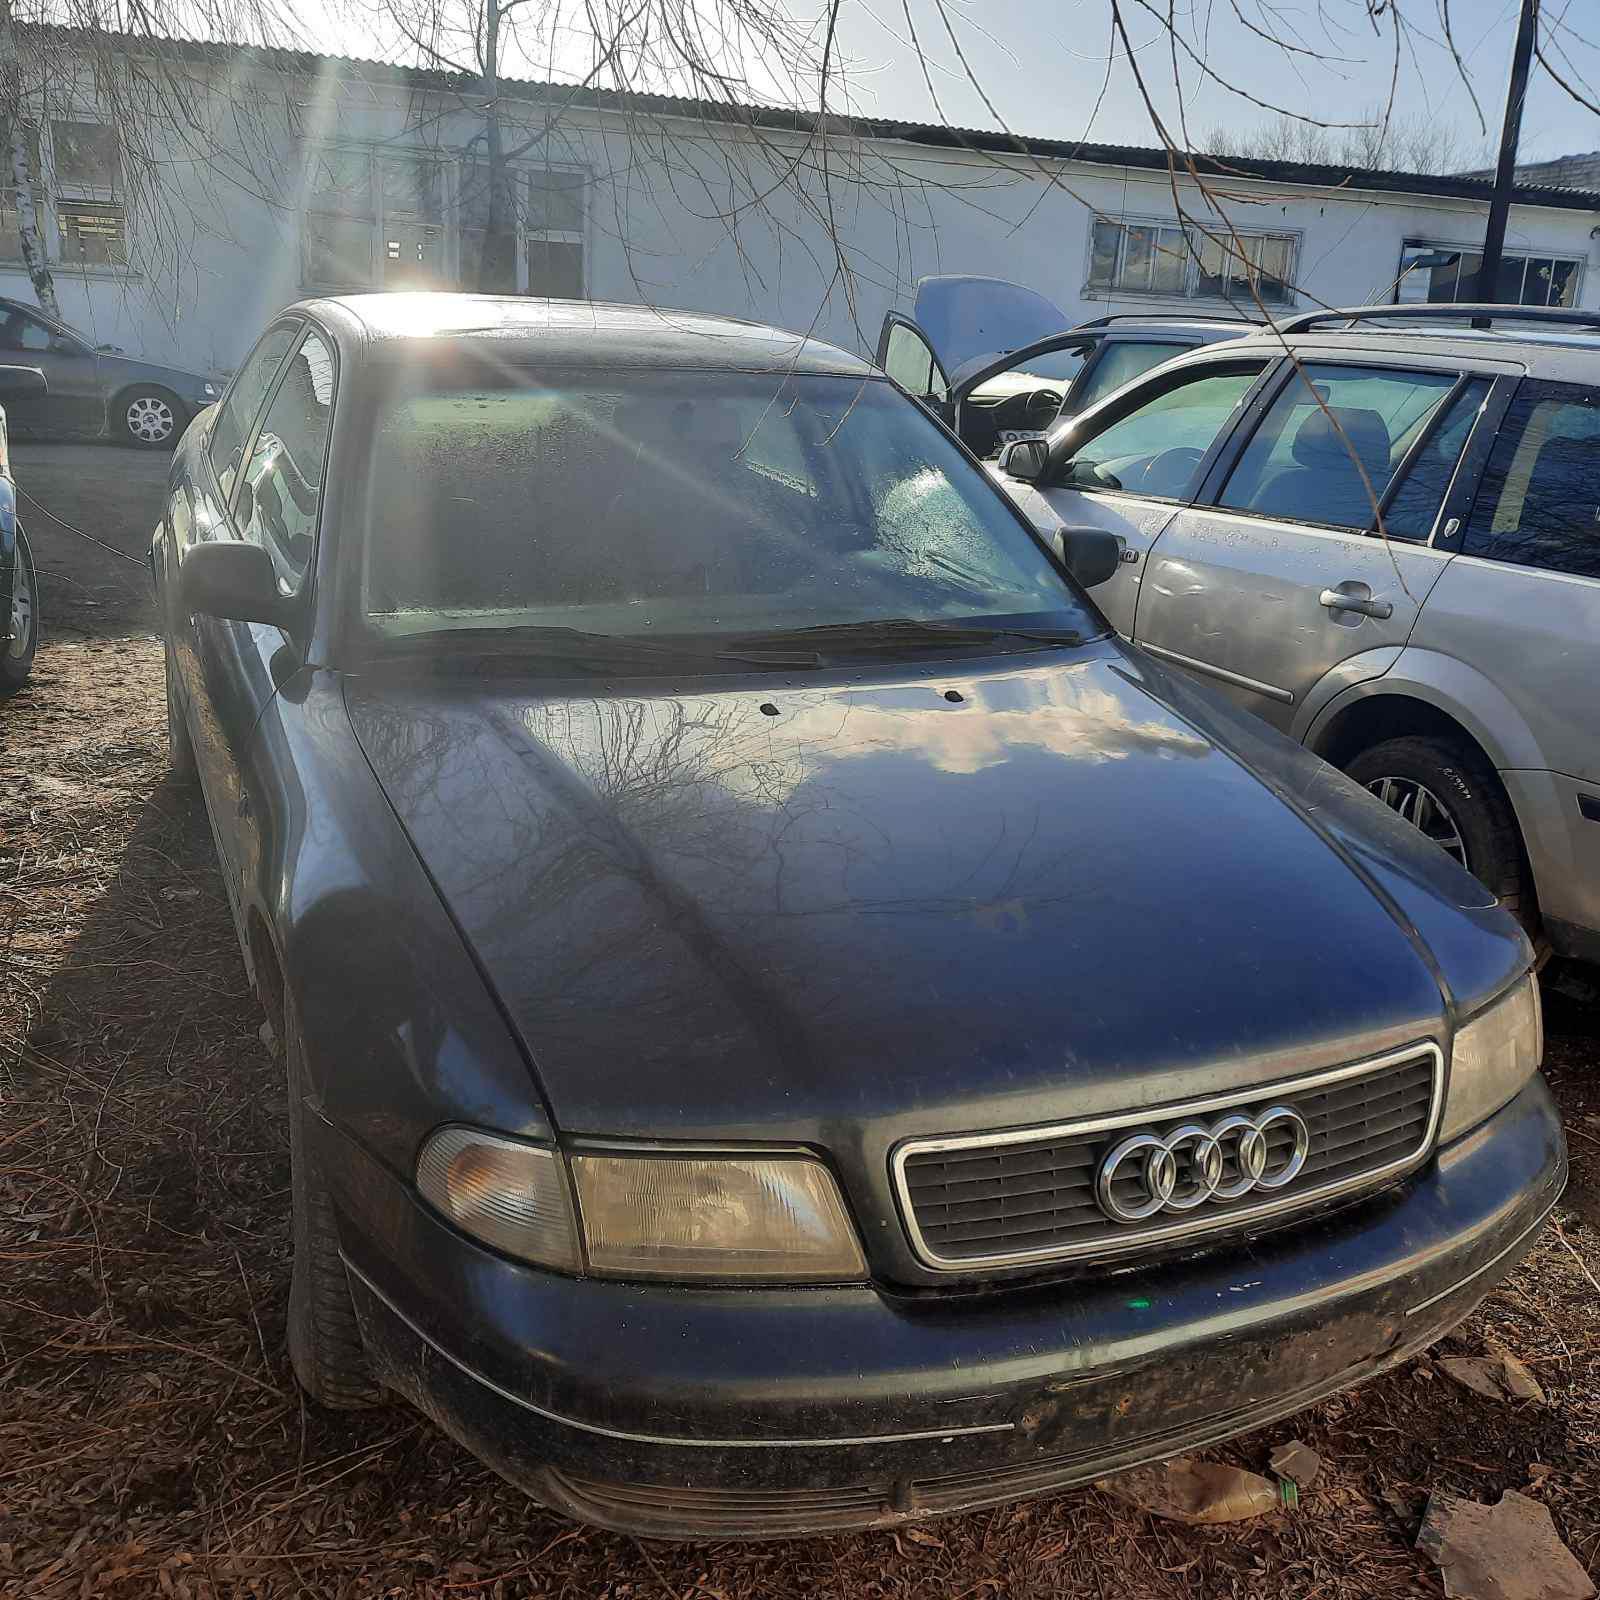 Подержанные Автозапчасти Audi A4 1996 1.9 машиностроение седан 4/5 d. черный 2021-3-02